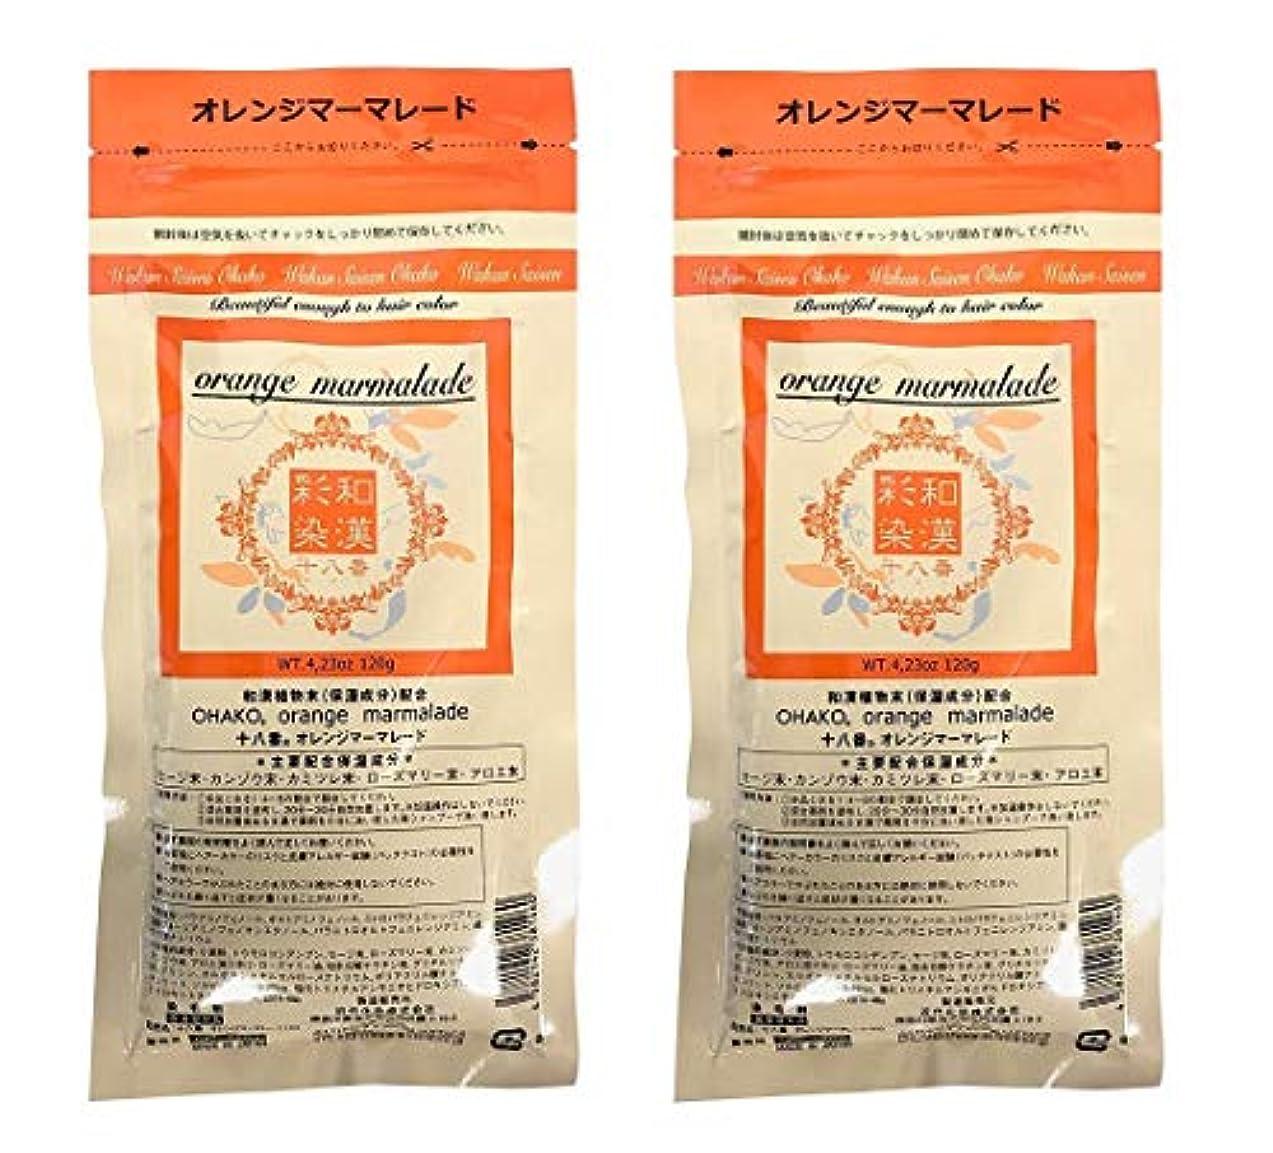 ヒロイックつまずく抜け目のない【2個セット】グランデックス 和漢彩染 十八番 120g オレンジママーレード